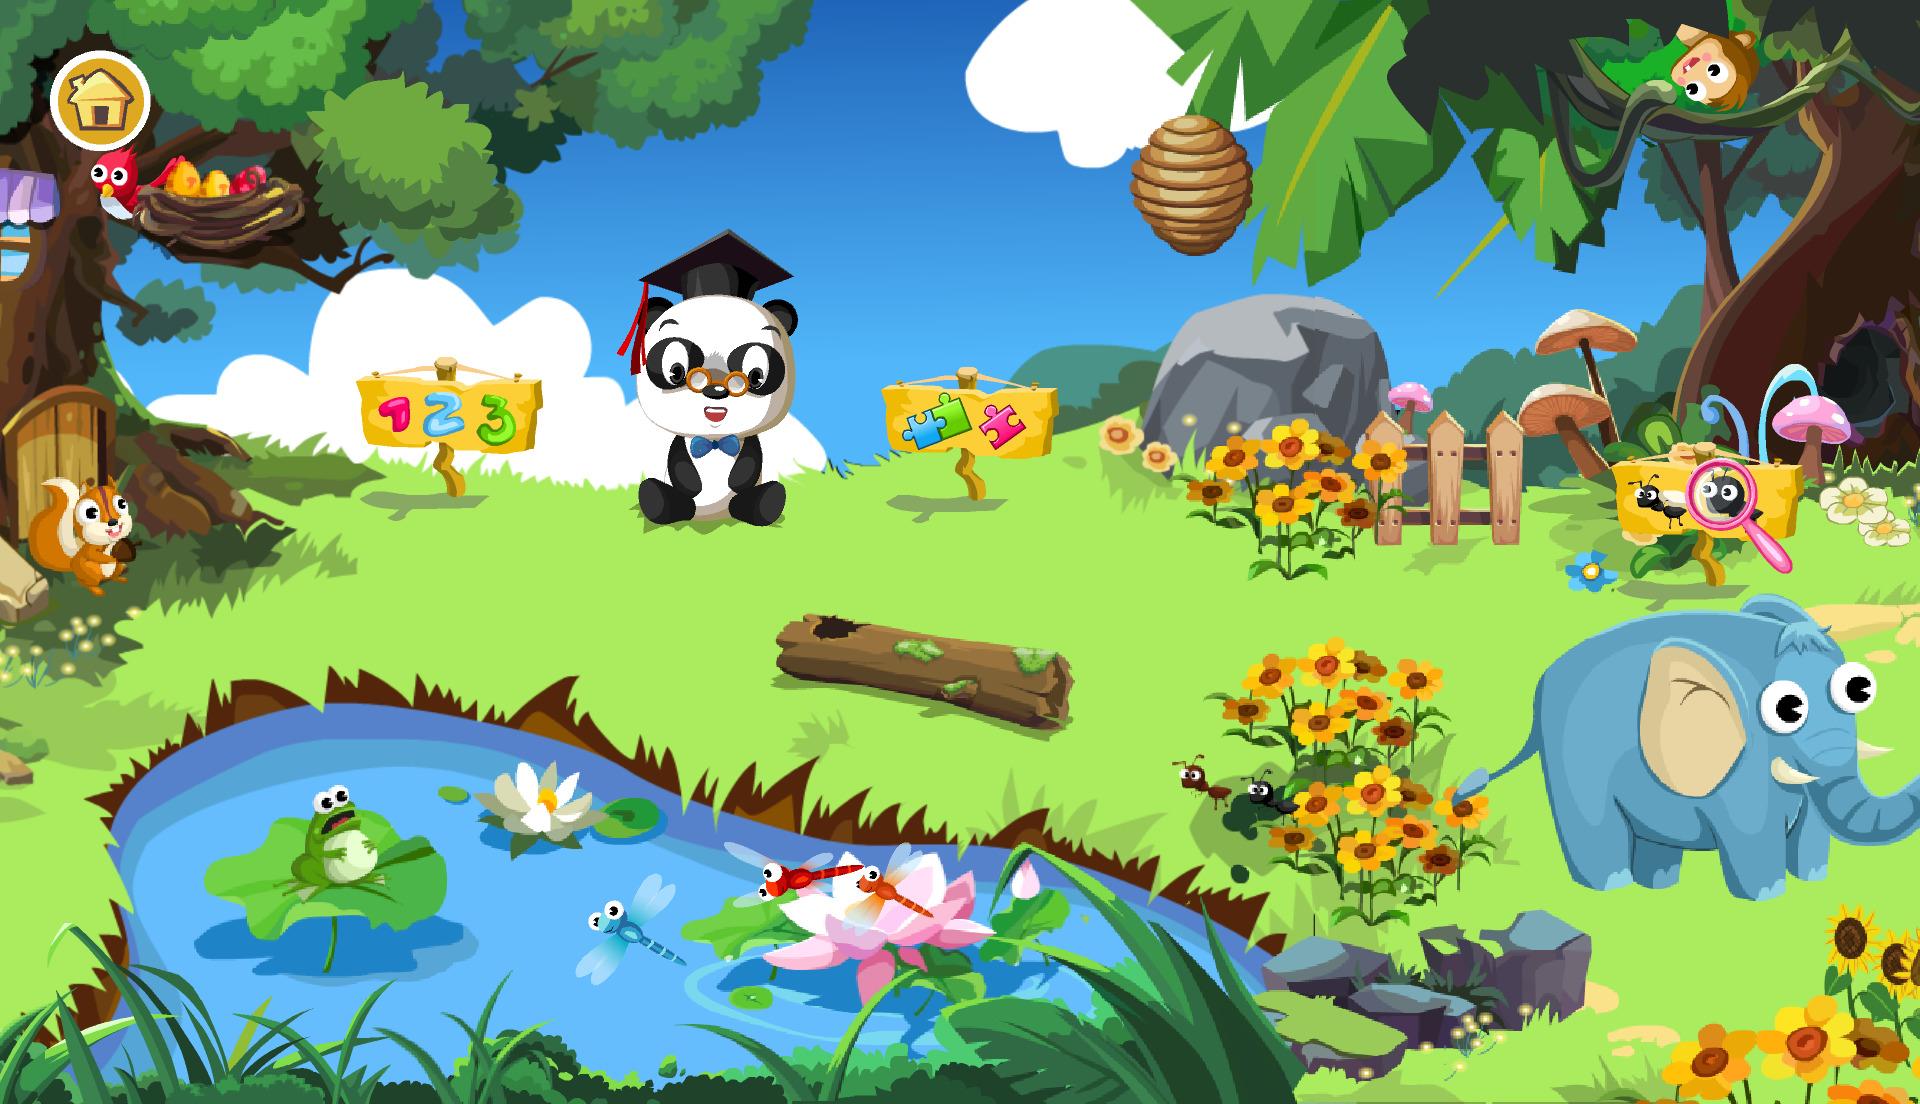 Titulná obrazovka Android hry Dr. Panda Teach Me s množstvom objektov reagujúcich na dotyk